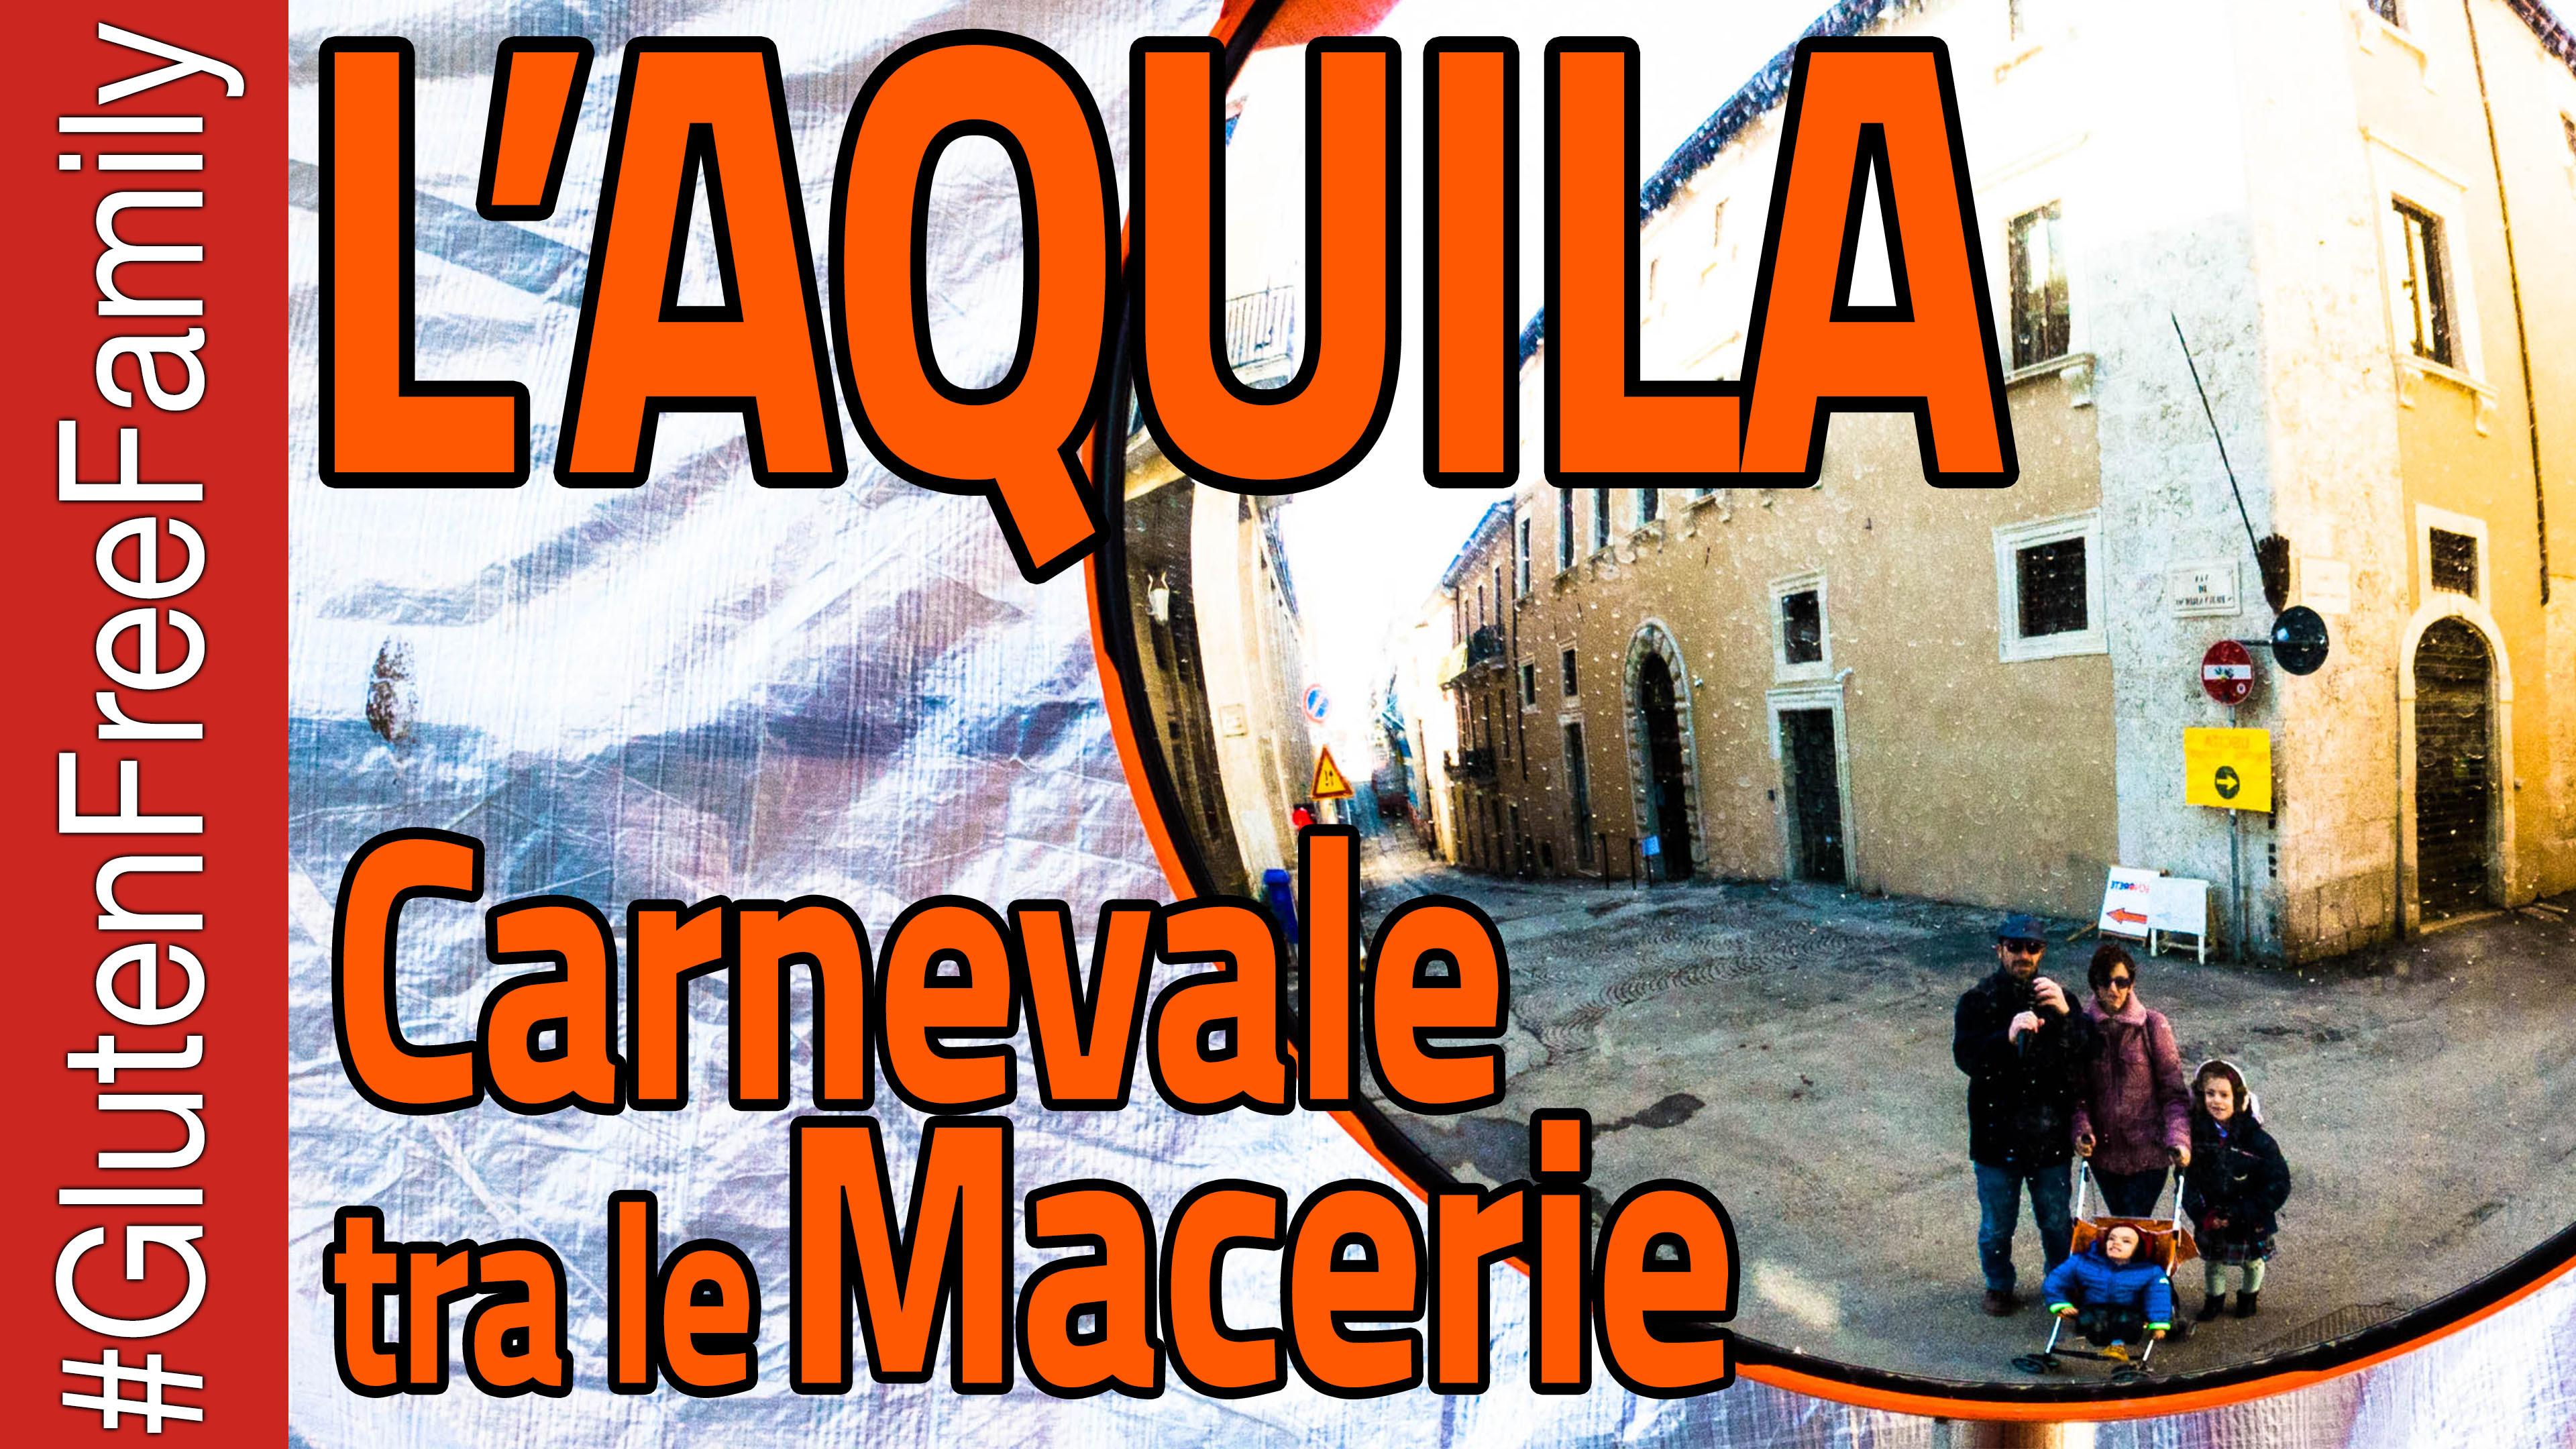 L'Aquila un Carnevale tra le Macerie – Scopriamo la Città del Terremoto #glutenfreefamily